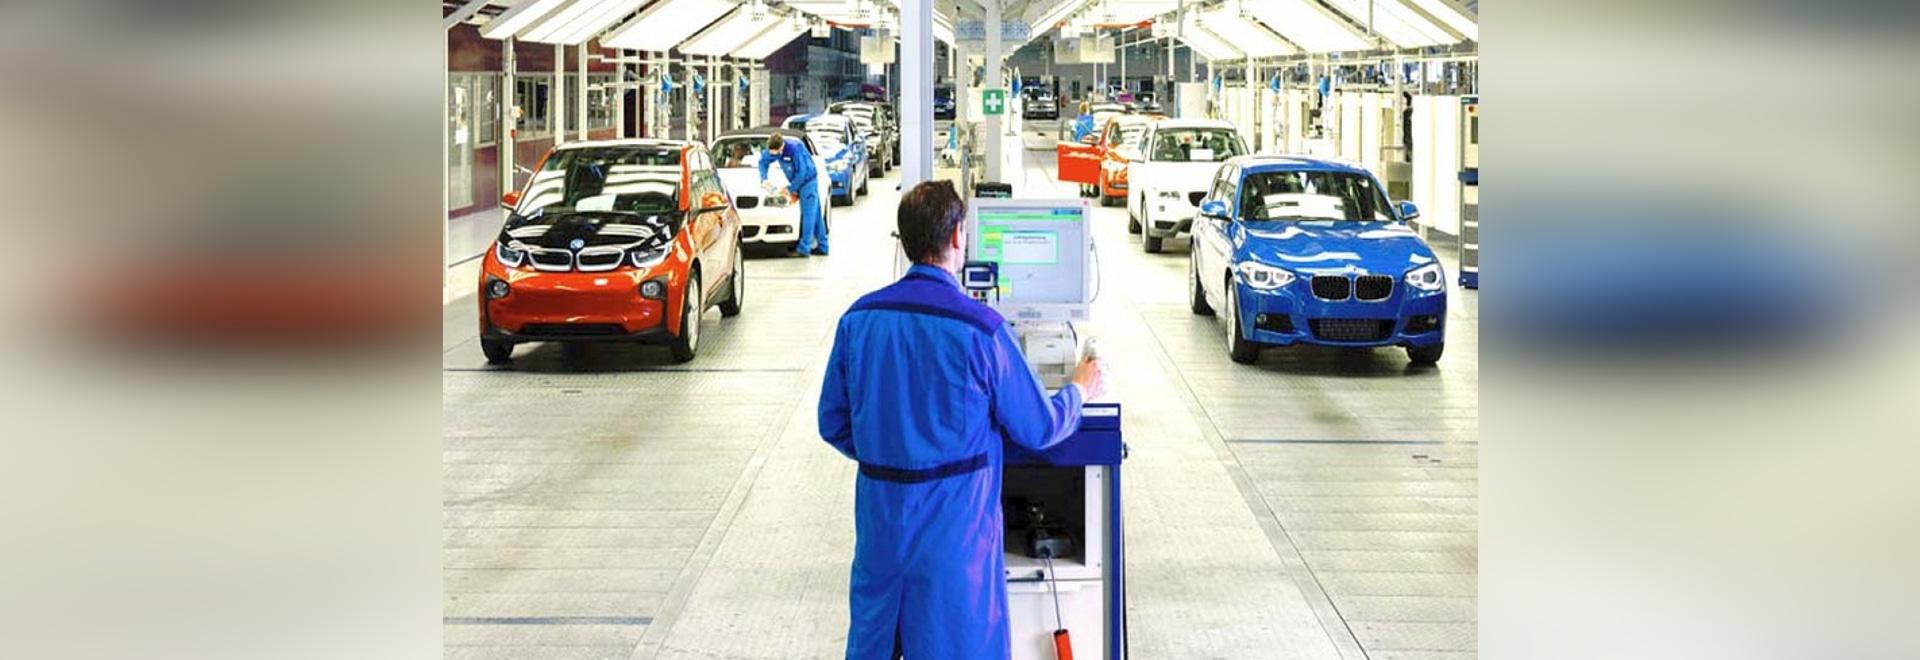 Courtoisie de BMW